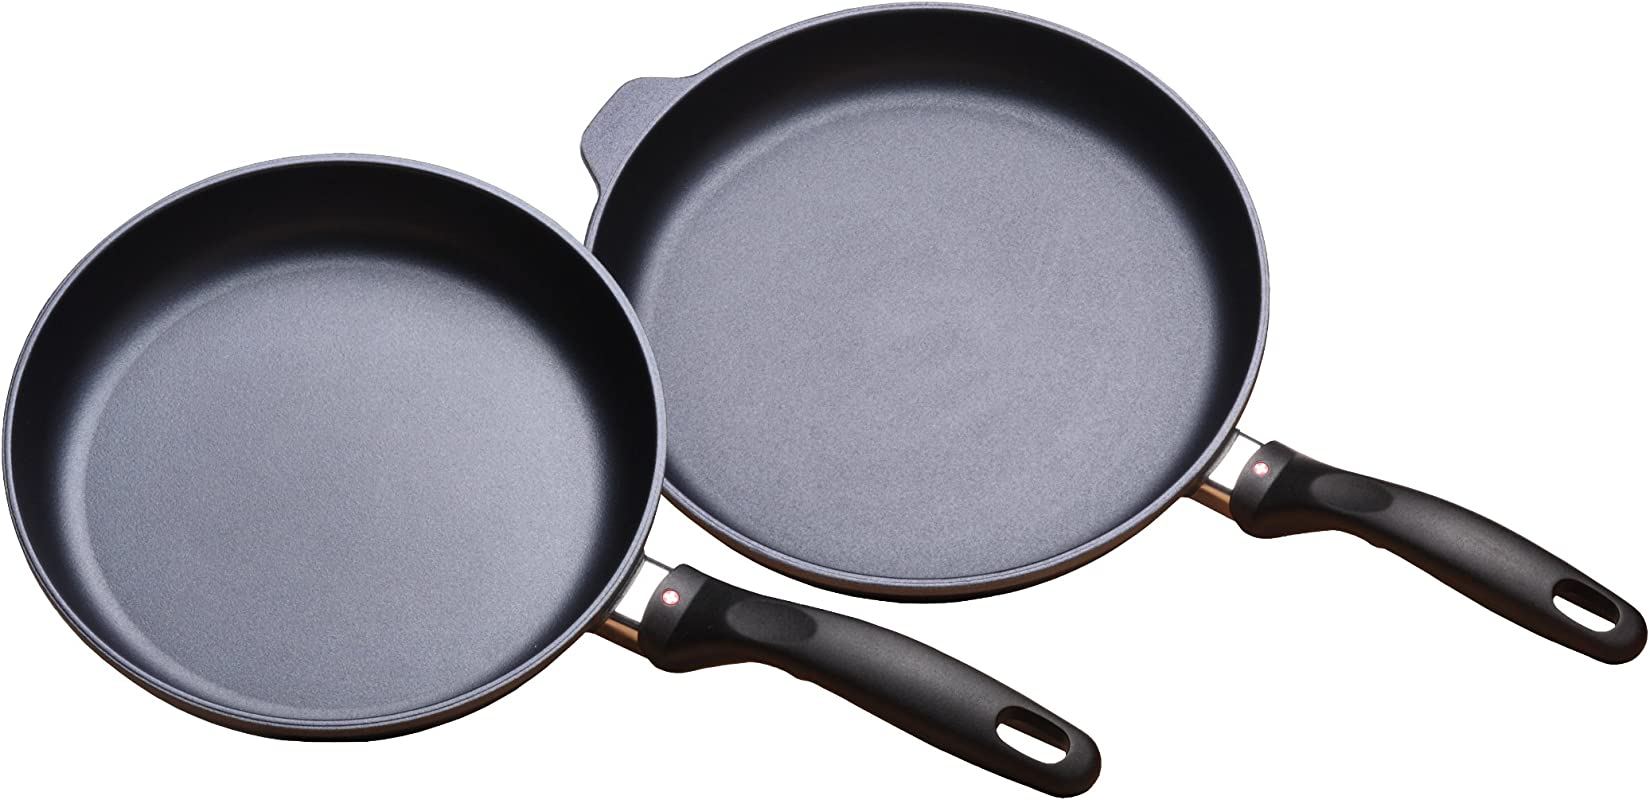 Swiss Diamond 2 Piece Set Fry Pan Duo 9 5 And 11